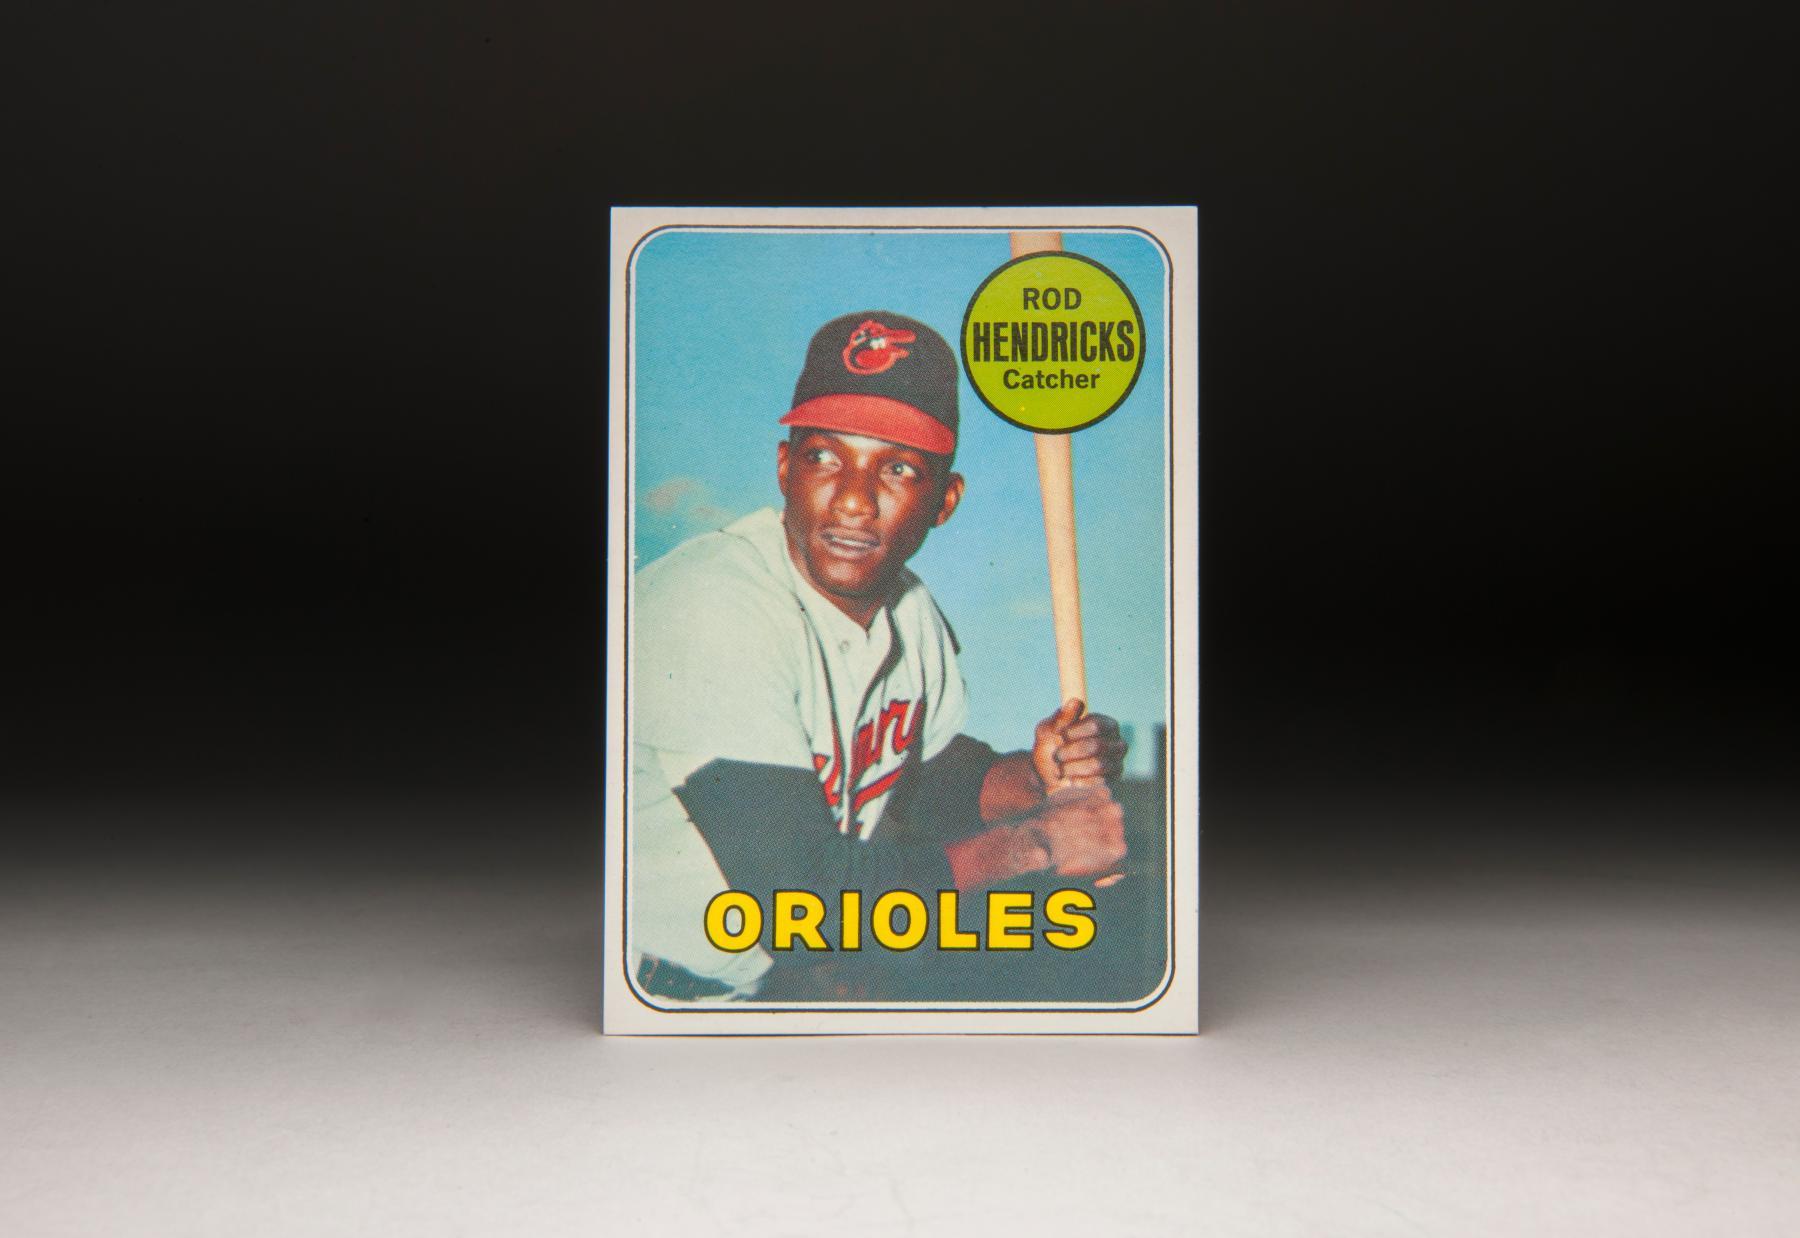 1969 Rod Hendricks Topps card. (Milo Stewart Jr. / National Baseball Hall of Fame)